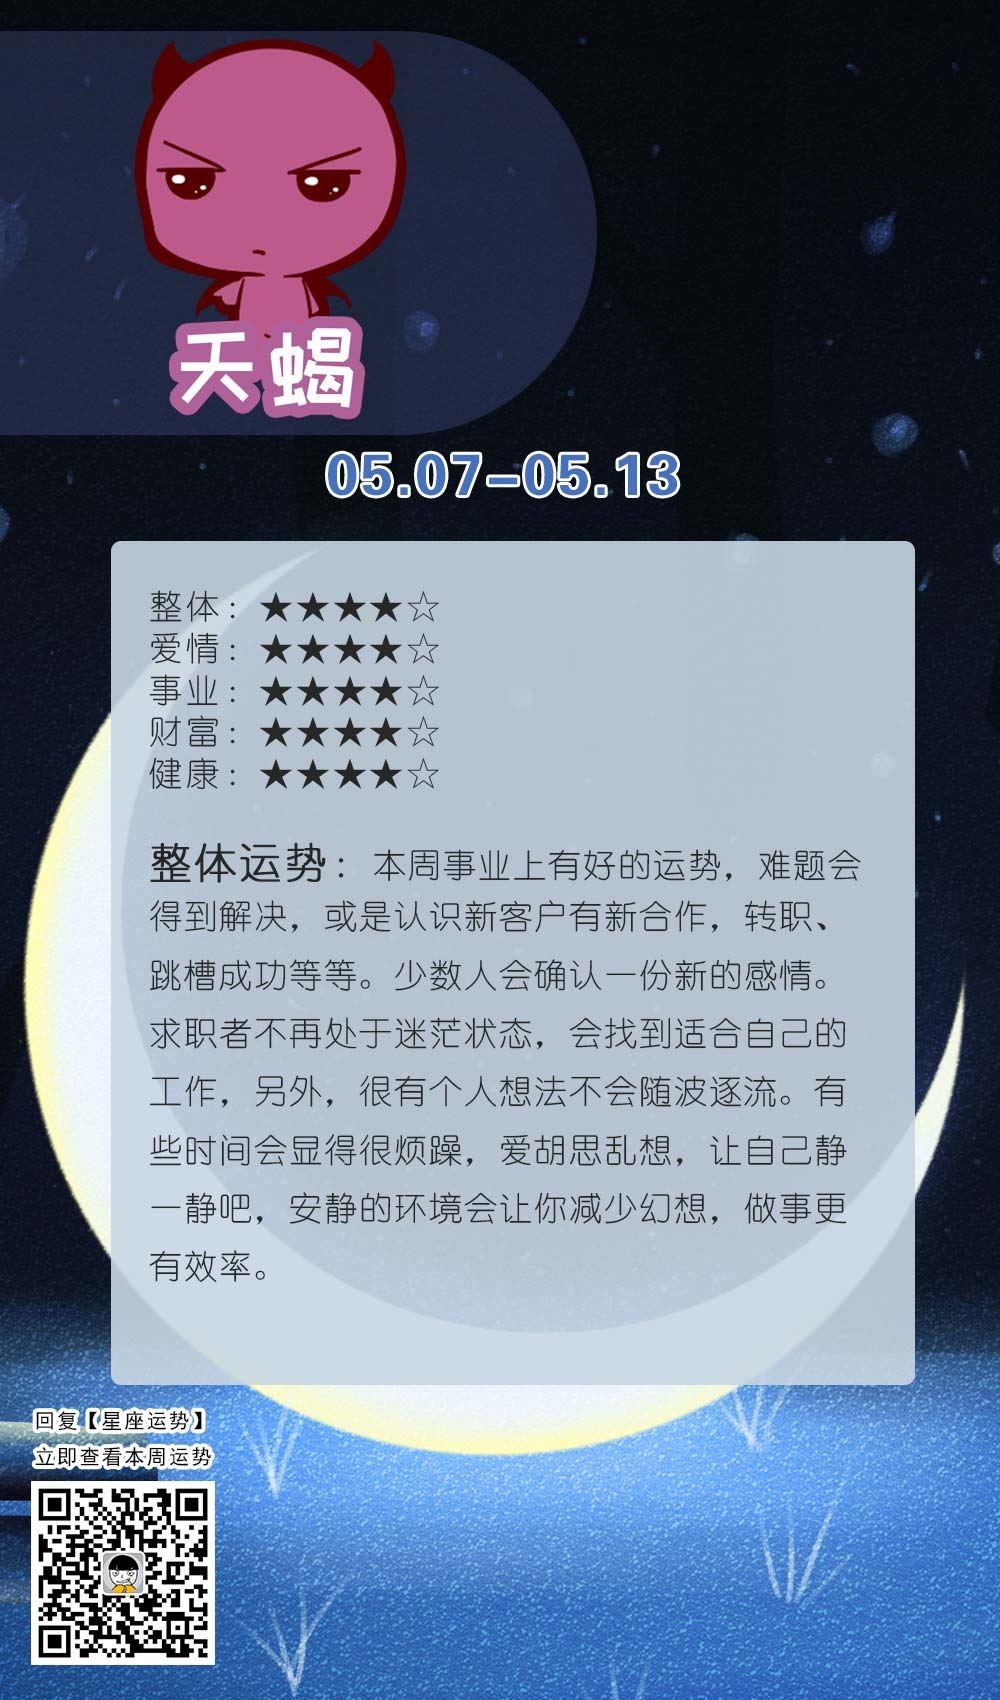 天蝎座本周运势【2018.05.07-05.13】